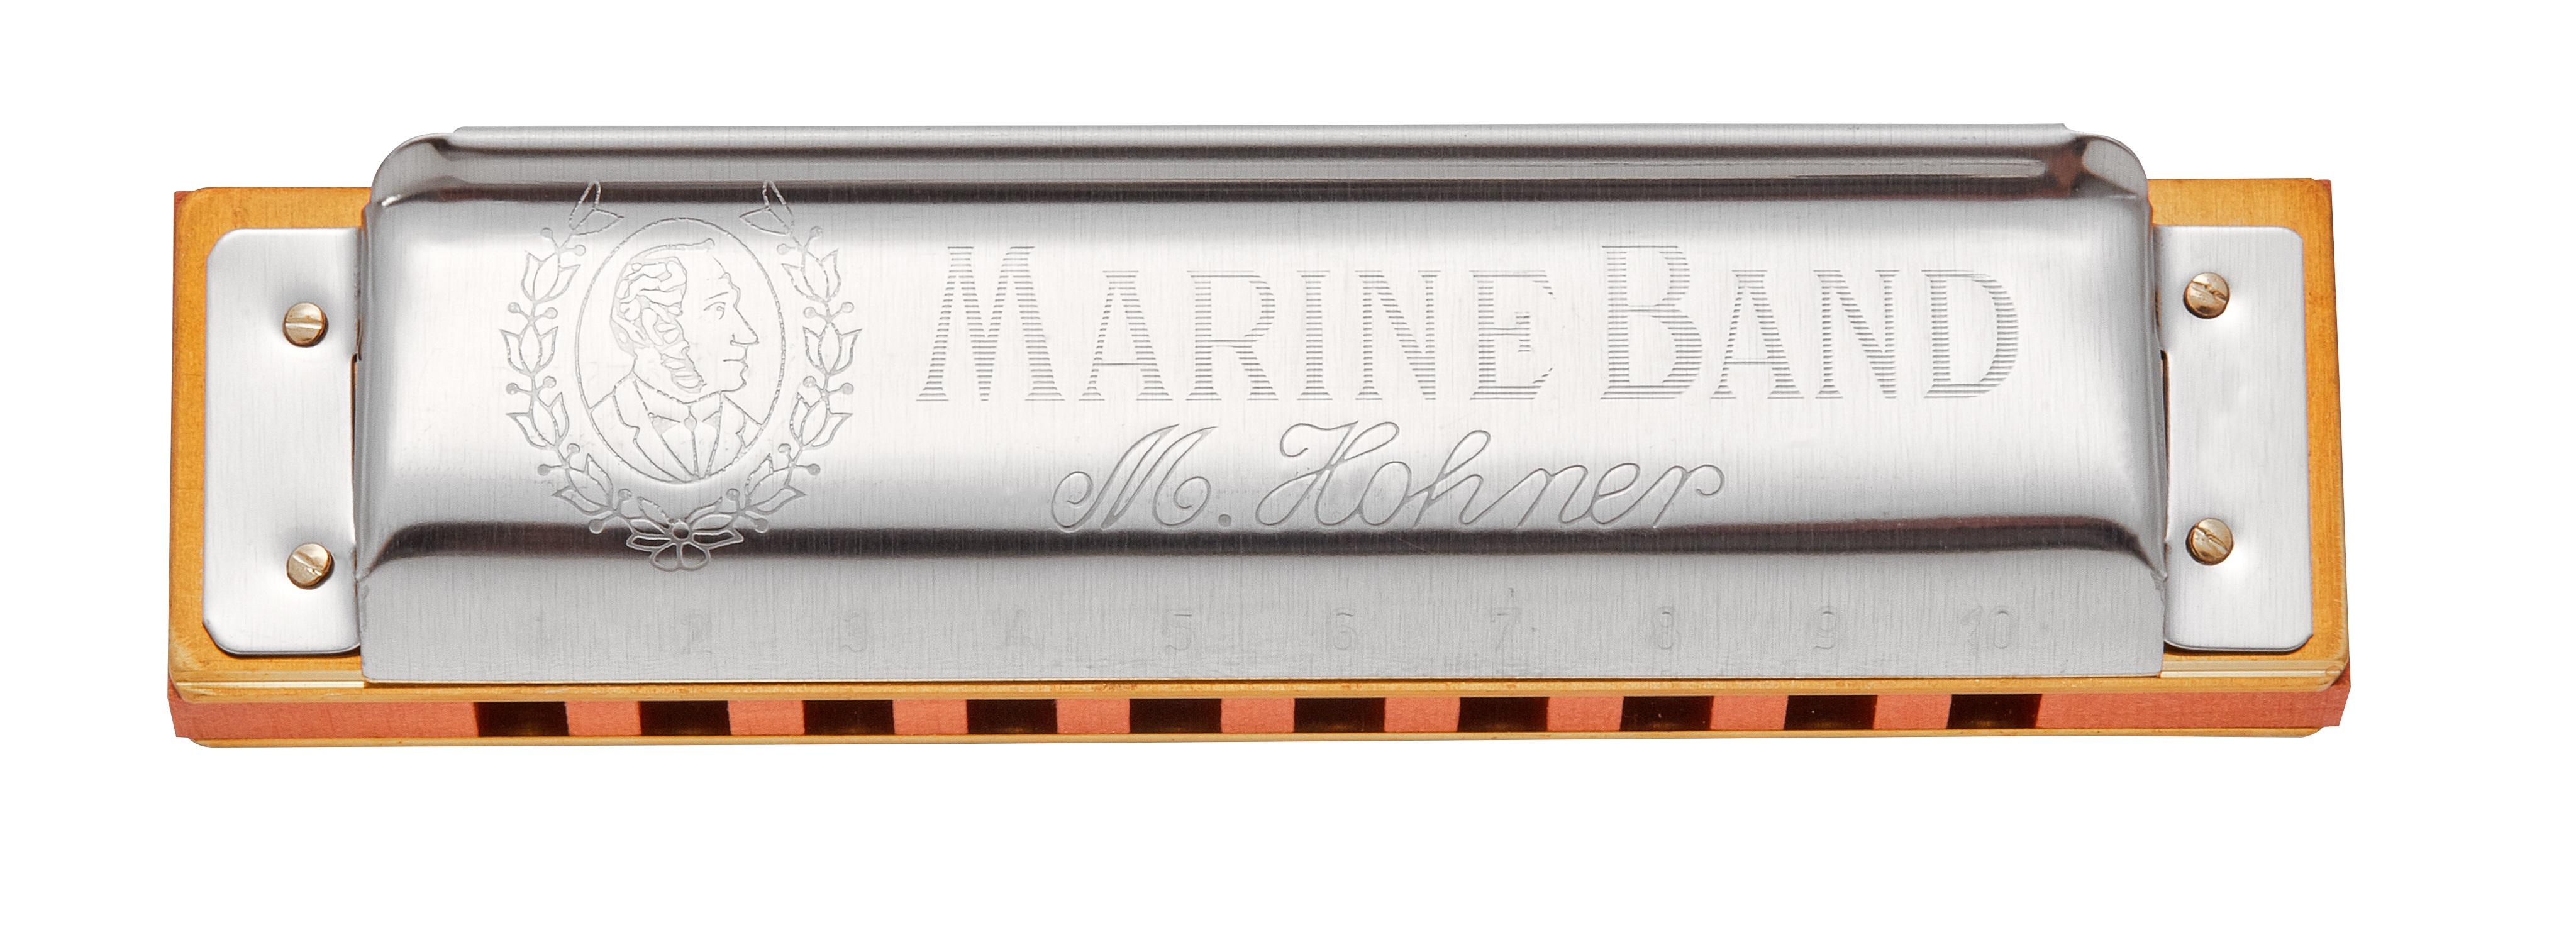 Hohner Marine Band 1896 D-natural minor